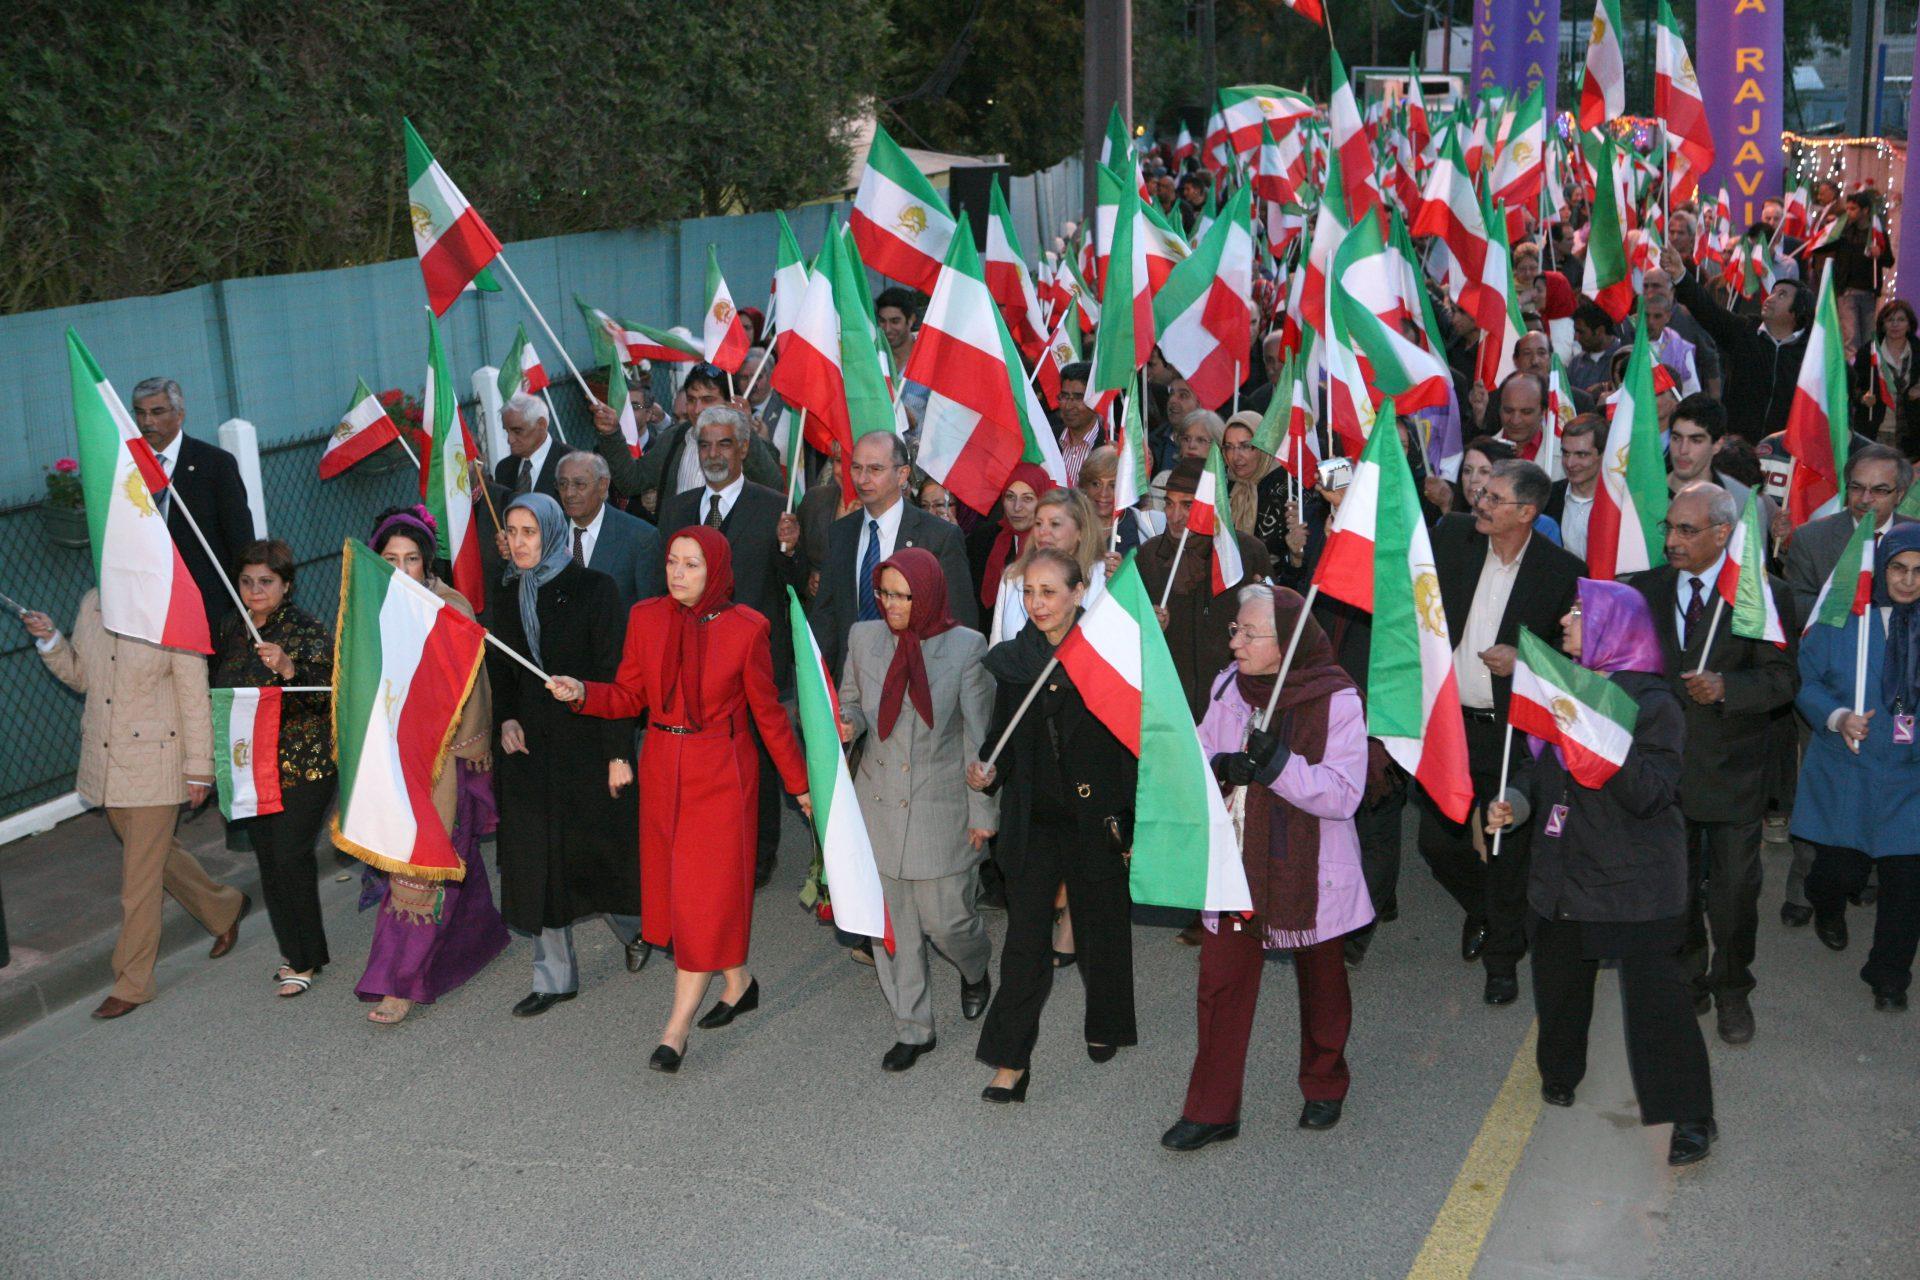 سخنرانی در جشن پیروزی در اورسورواز